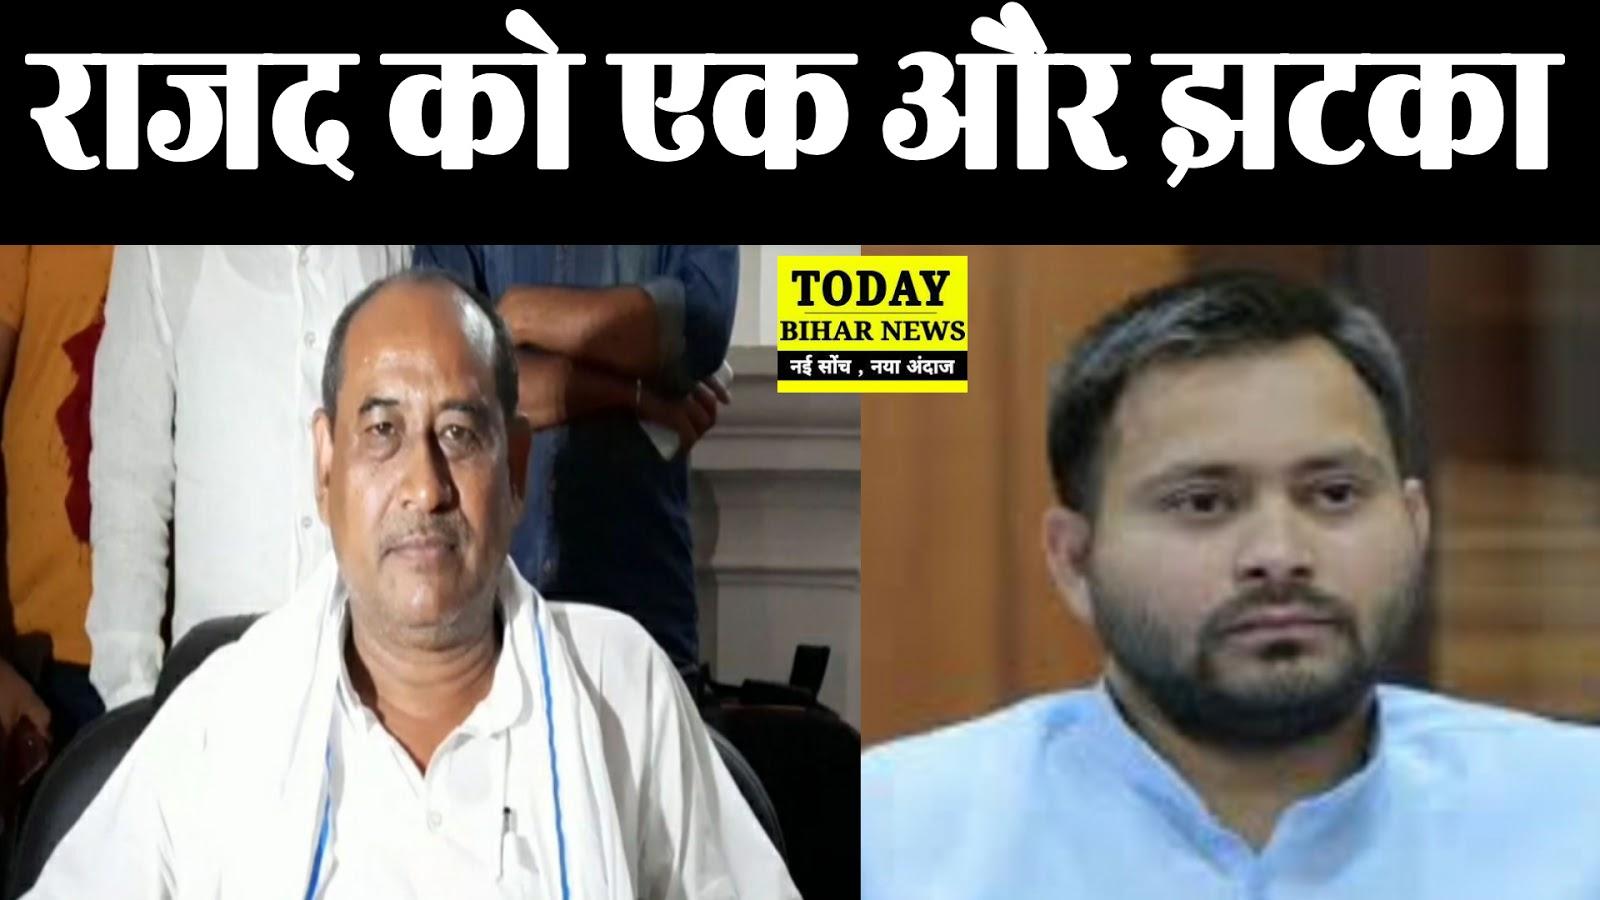 भोजपुर में आरजेडी को लगा एक और करारा झटका, संदेश के पूर्व विधायक ने भी पार्टी छोड़ी, प्रदेश अध्यक्ष जगदानंद के बेहद करीबी माने जाते थे विजेंद्र यादव